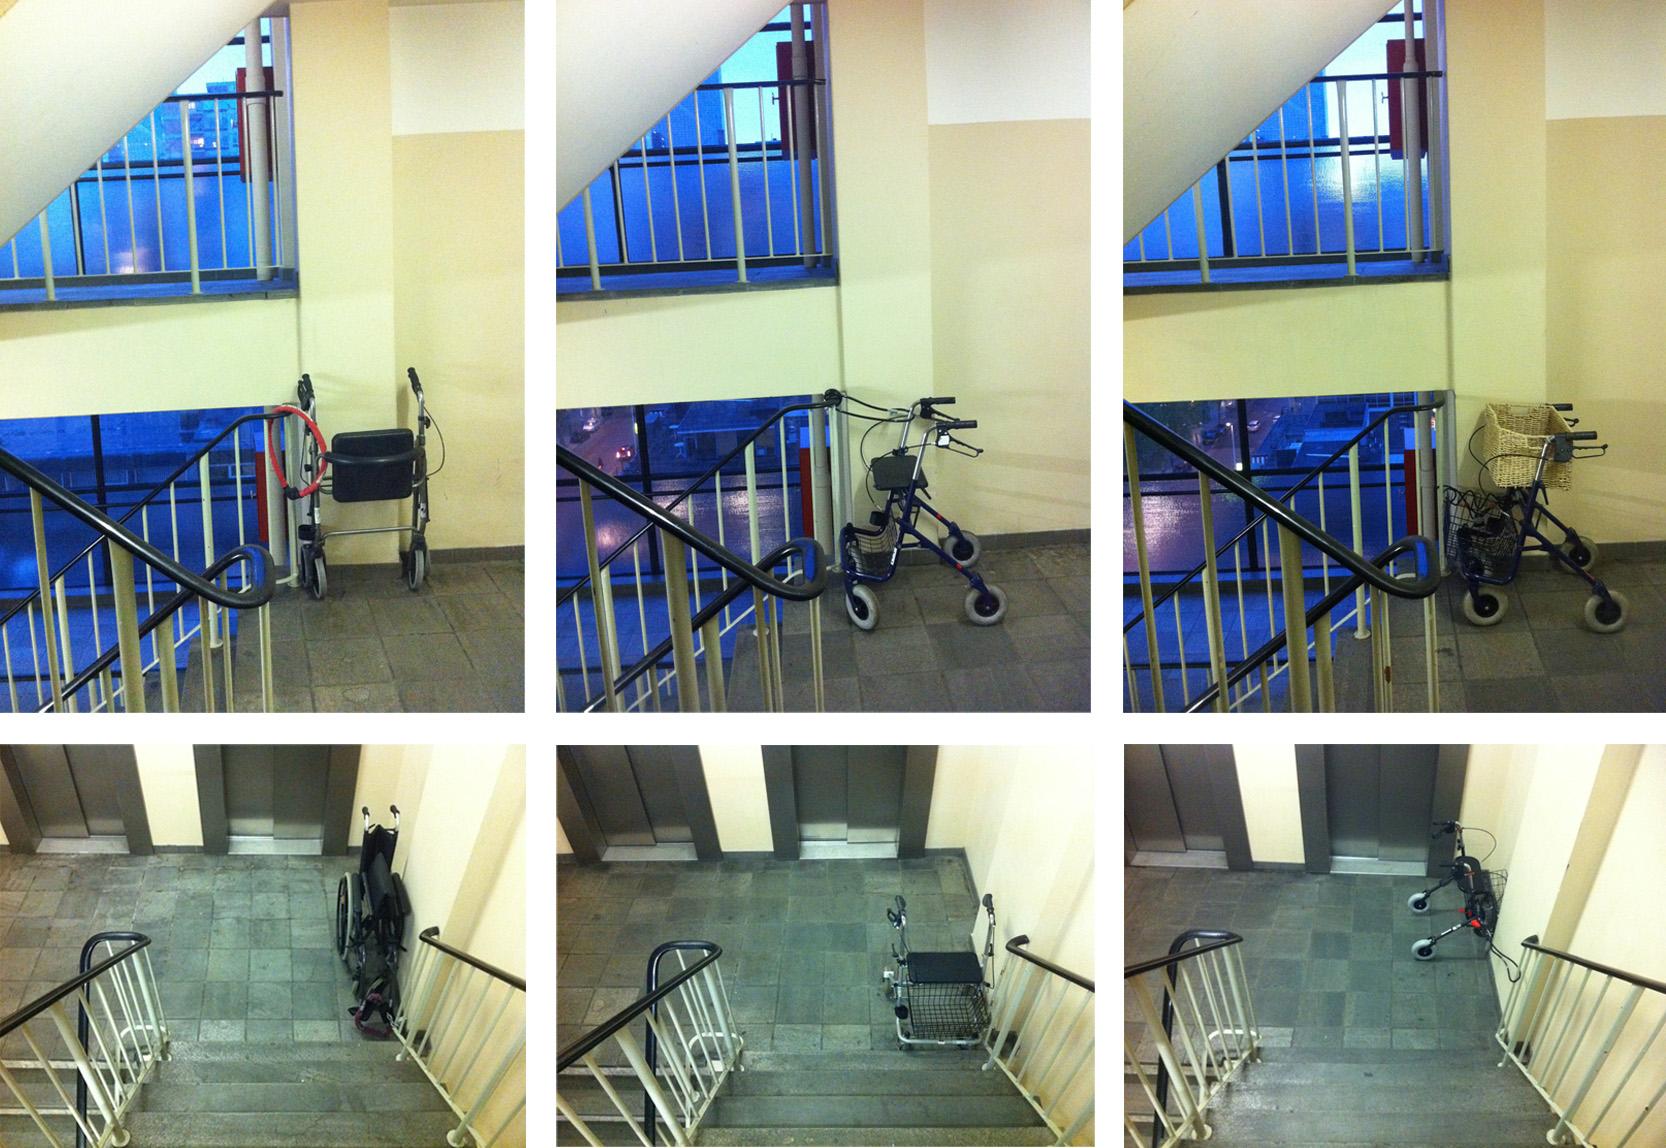 Rolstoelen in het trappenhuis